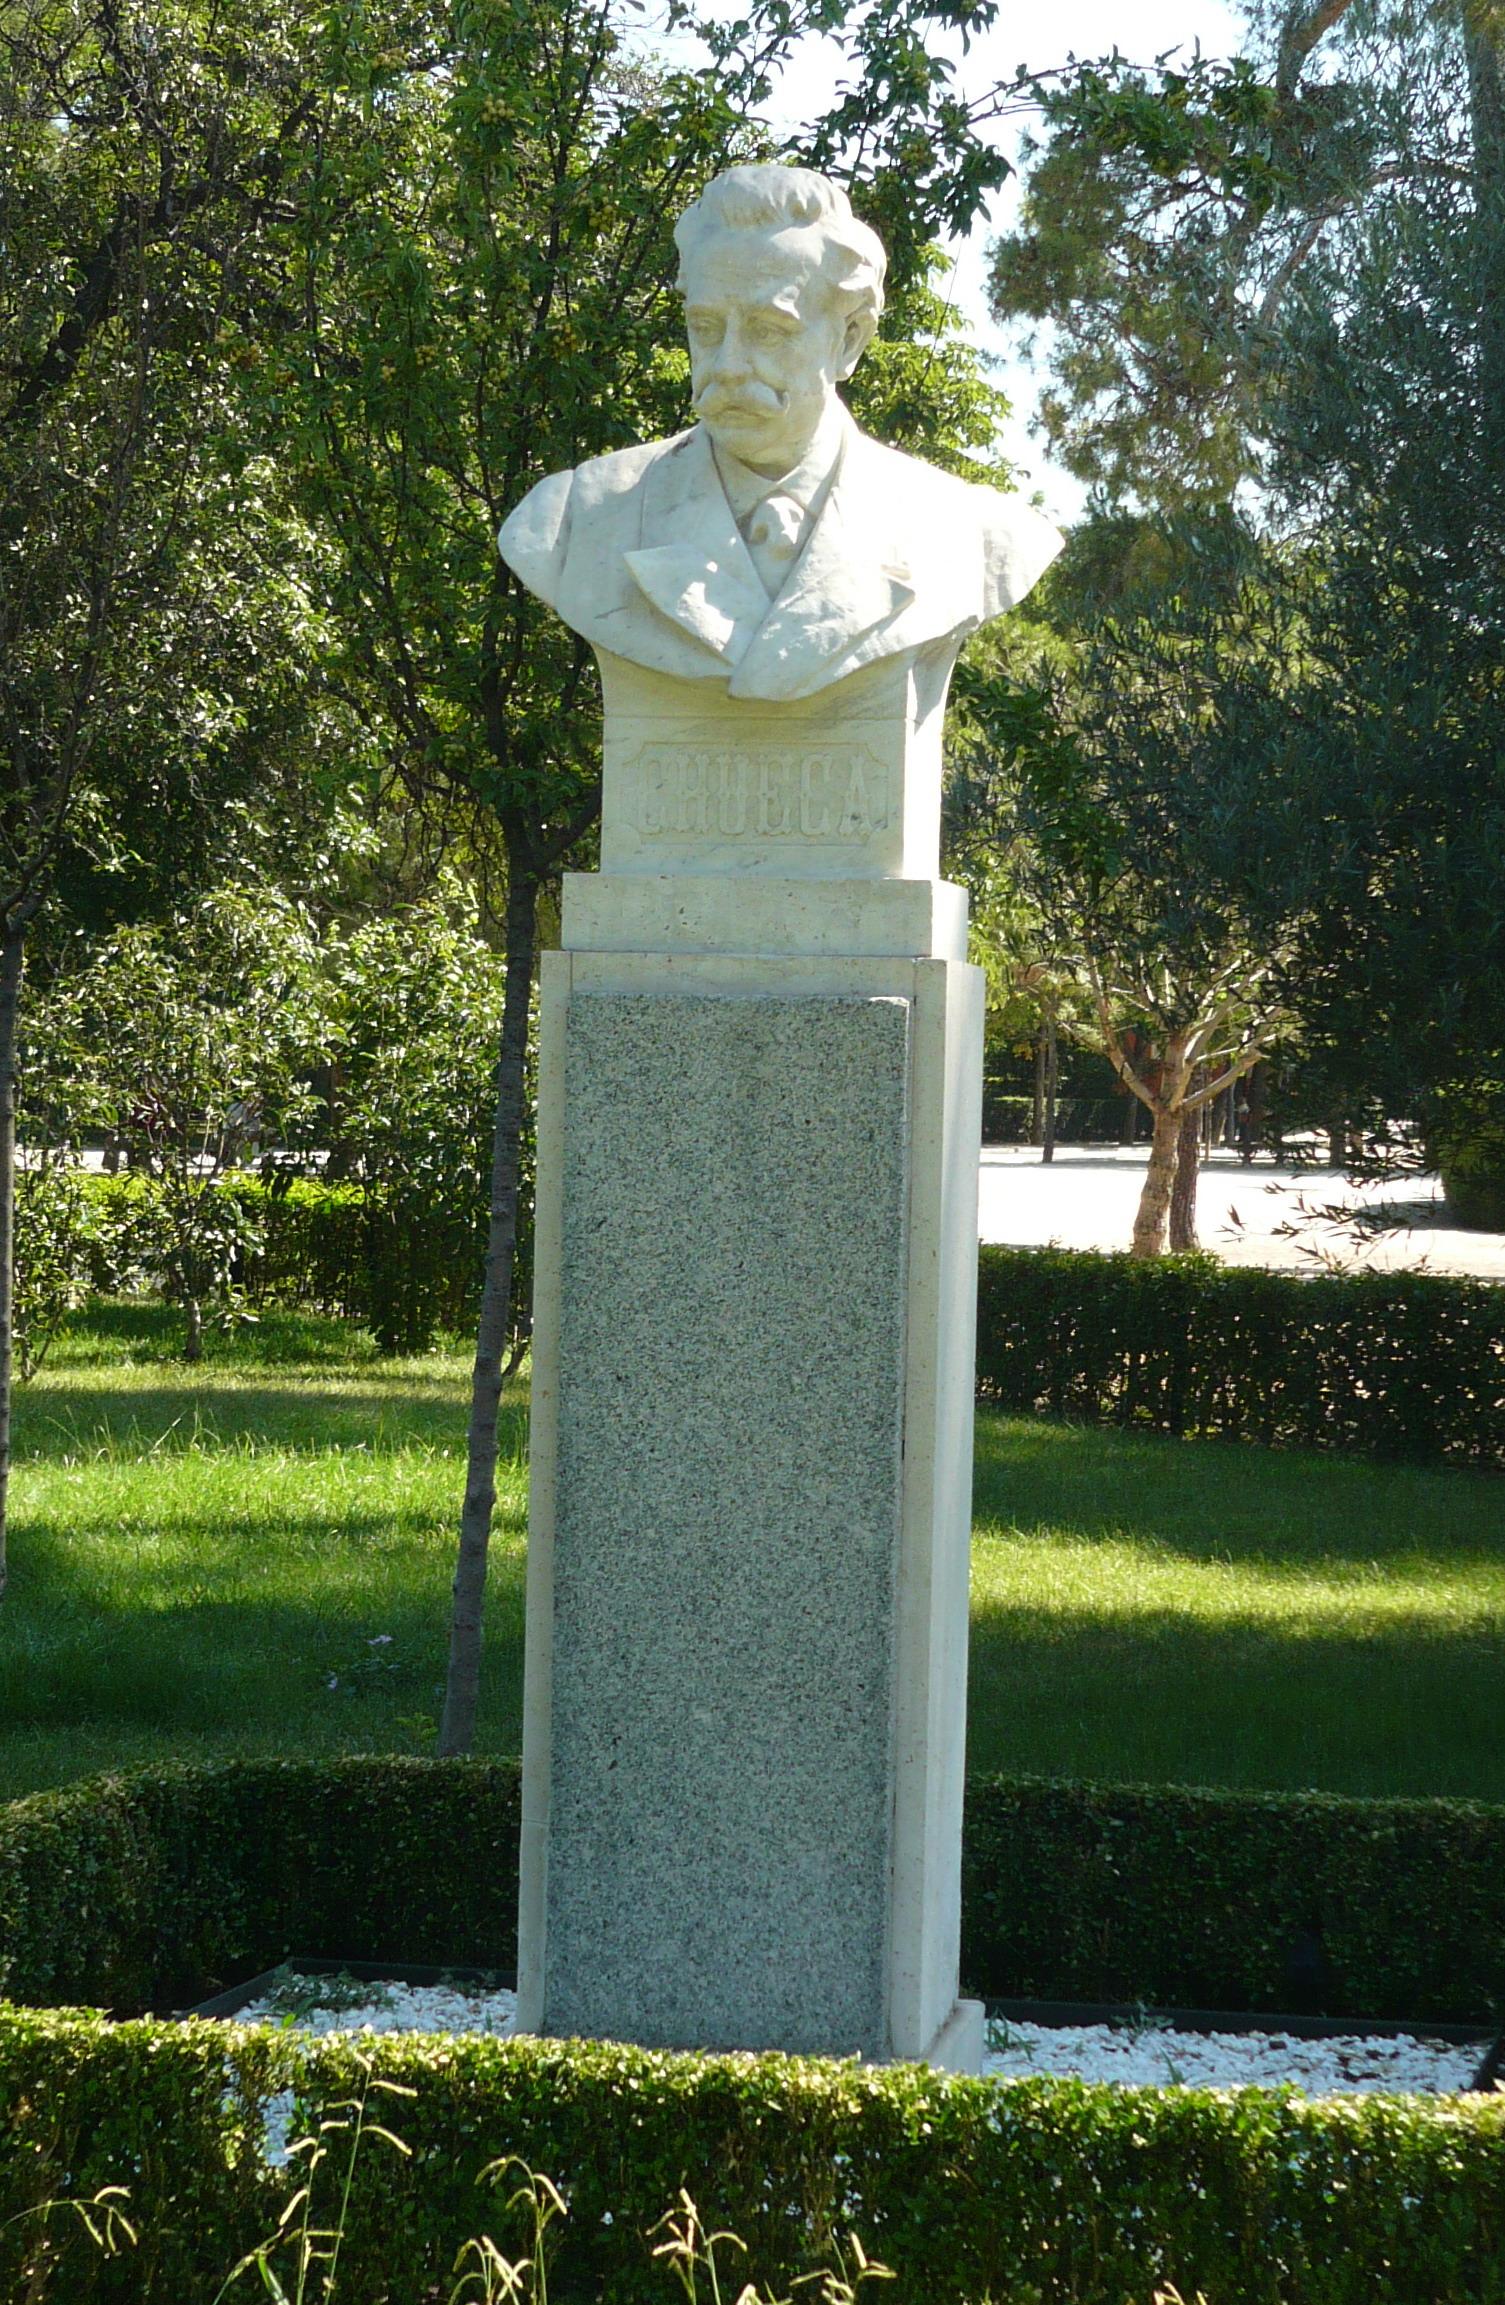 Monumento a Chueca en el parque de El Retiro de Madrid.